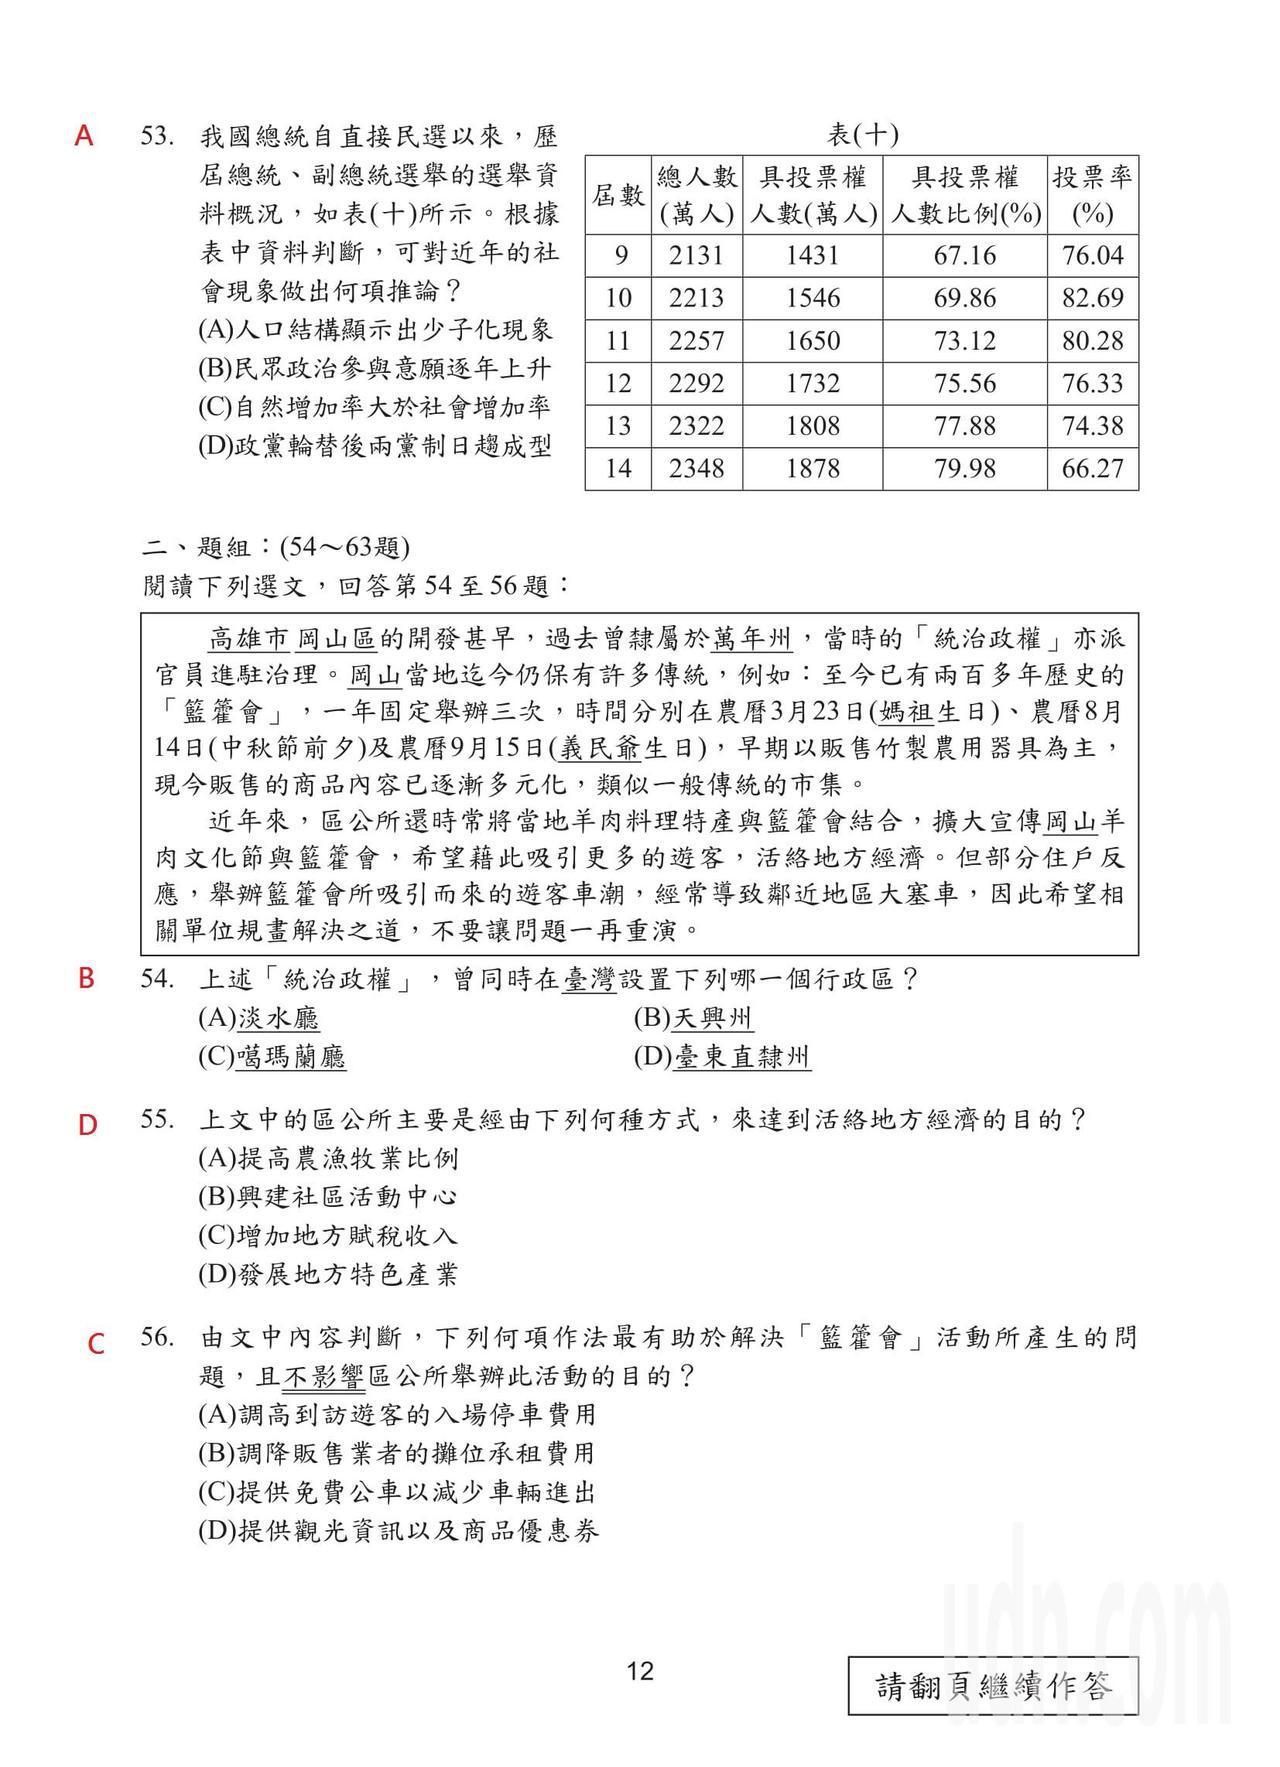 108國中會考社會科試題解答,第12頁。